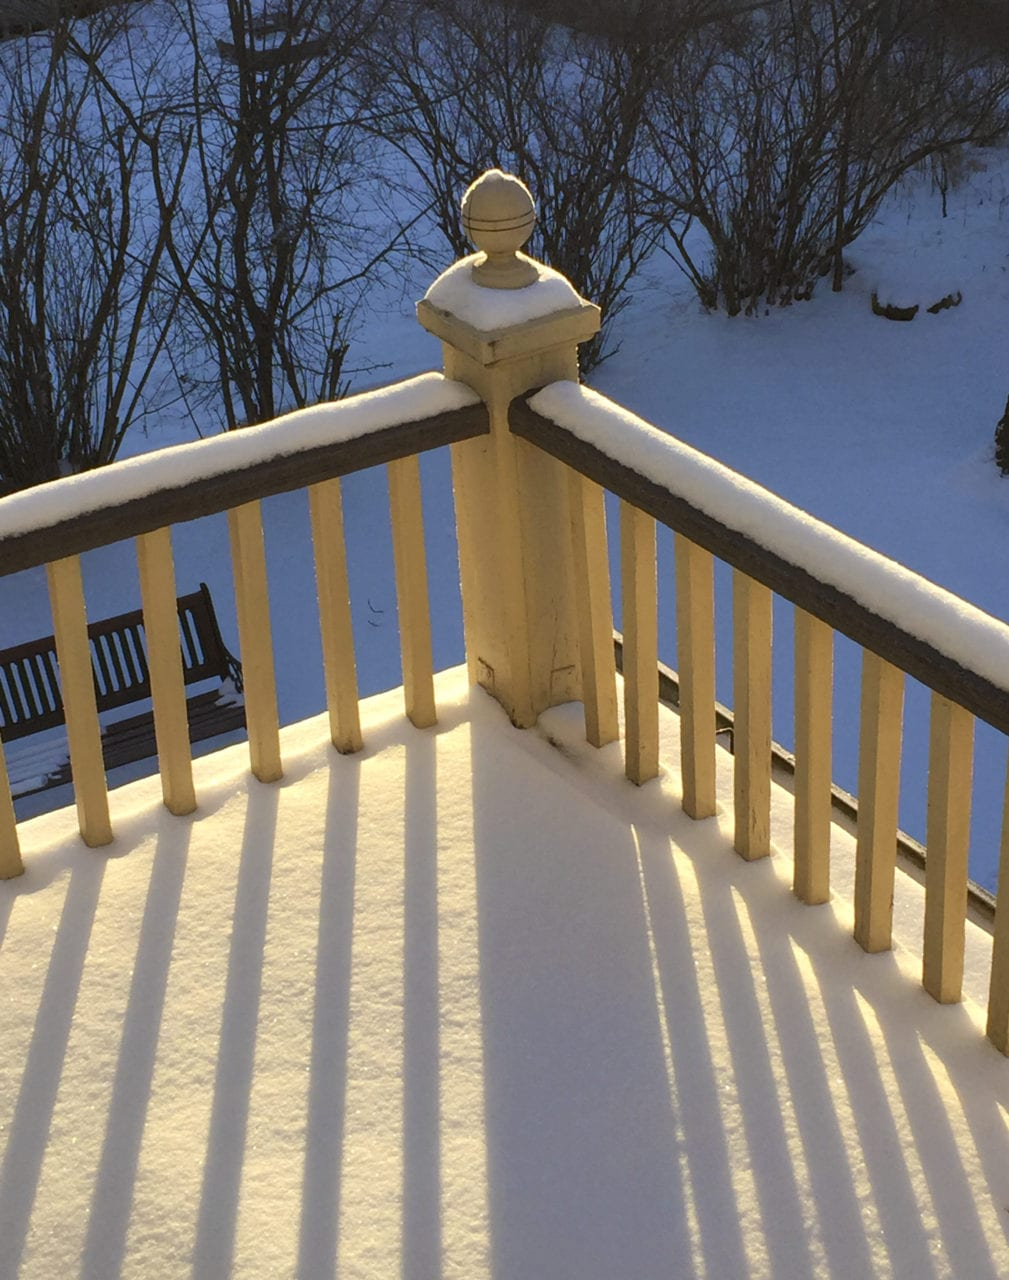 winter sunlight through slats on upper porch.